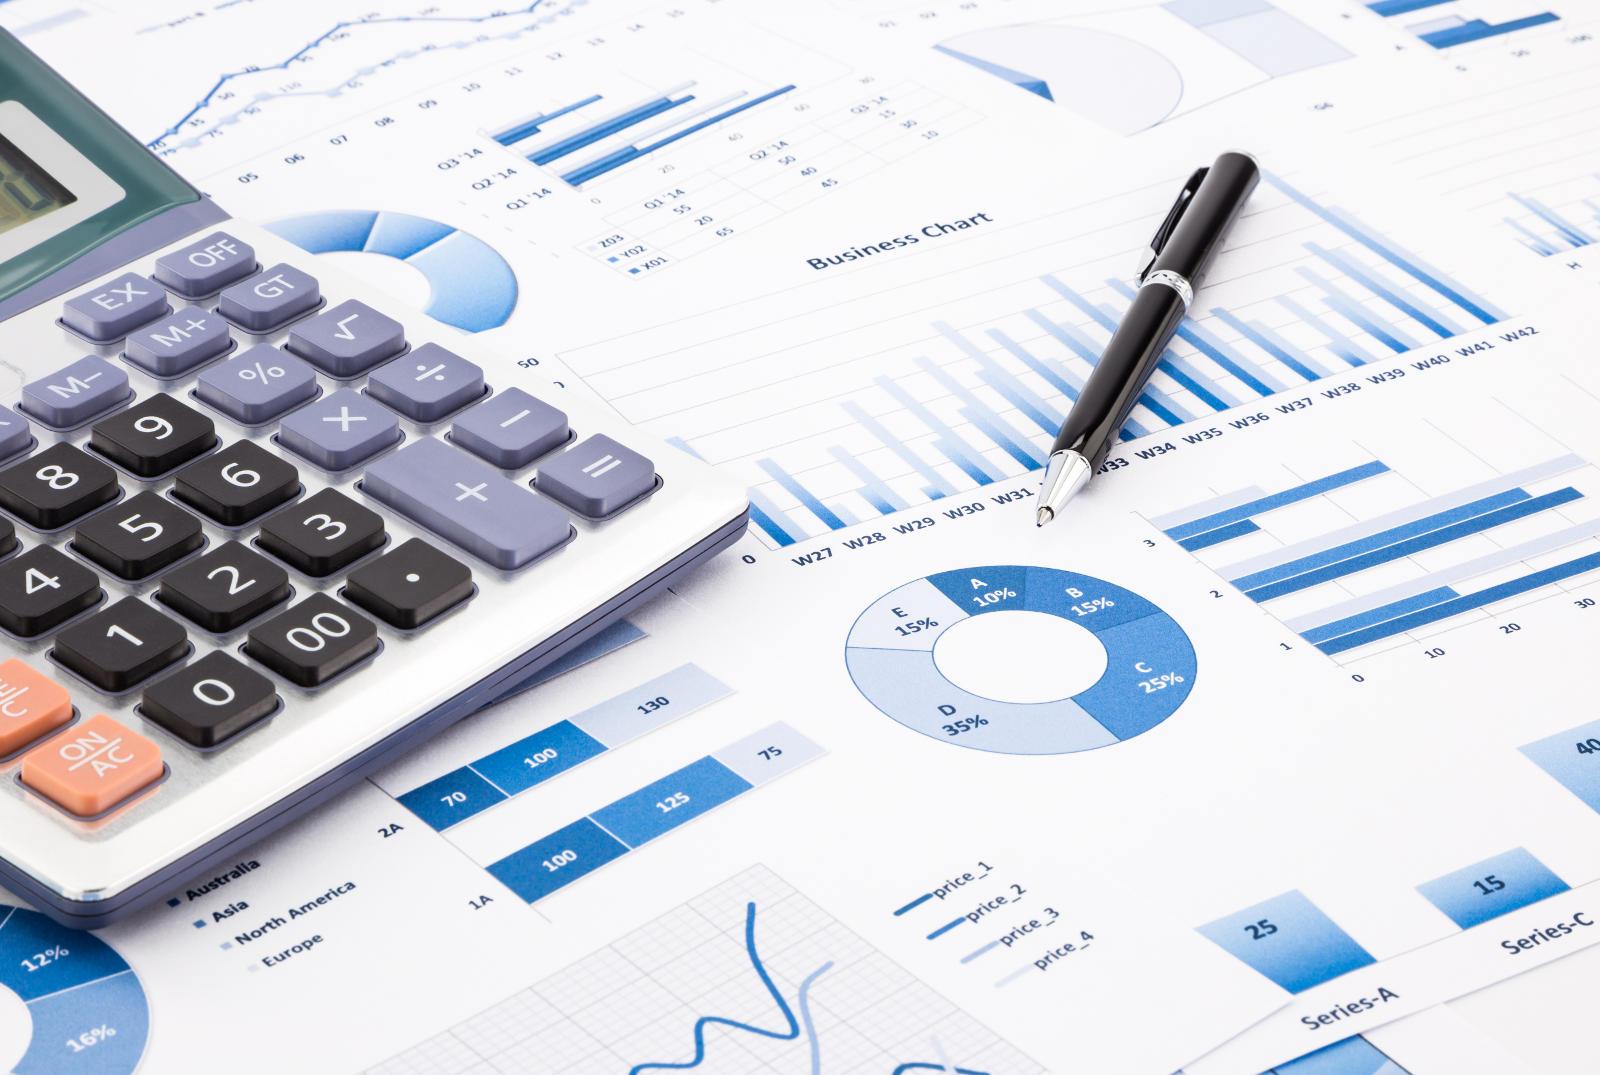 Refinansiere smålån og kredittkortgjeld